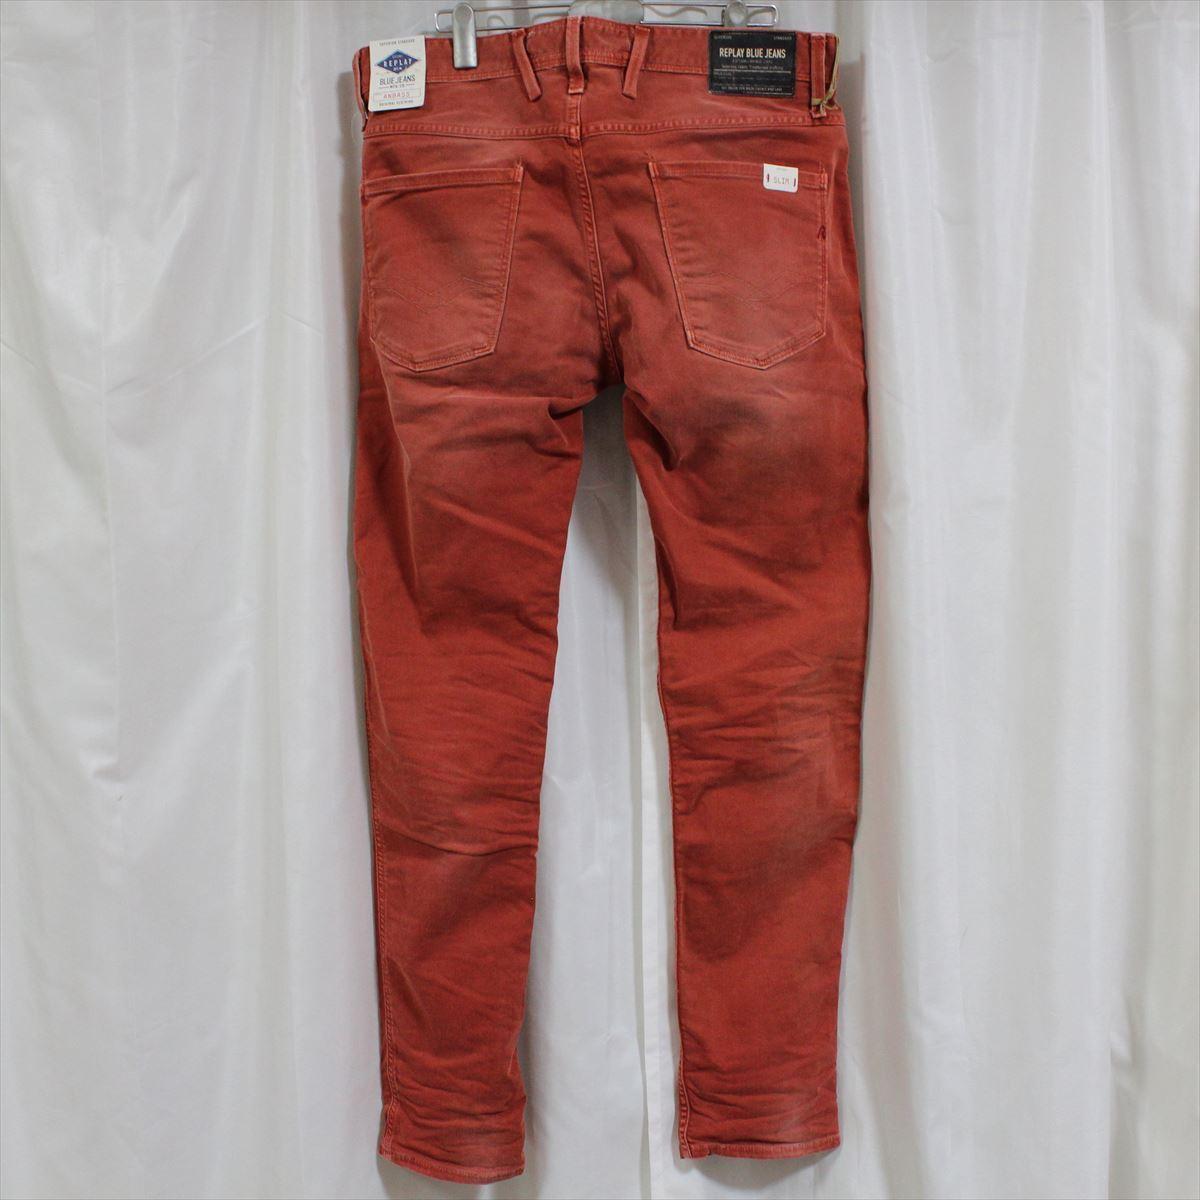 リプレイ REPLAY メンズカラーパンツ ジーンズ デニムパンツ SLIM レンガ色 33インチ 新品 REPLAY BLUE JEANS anbass slim jeans_画像4